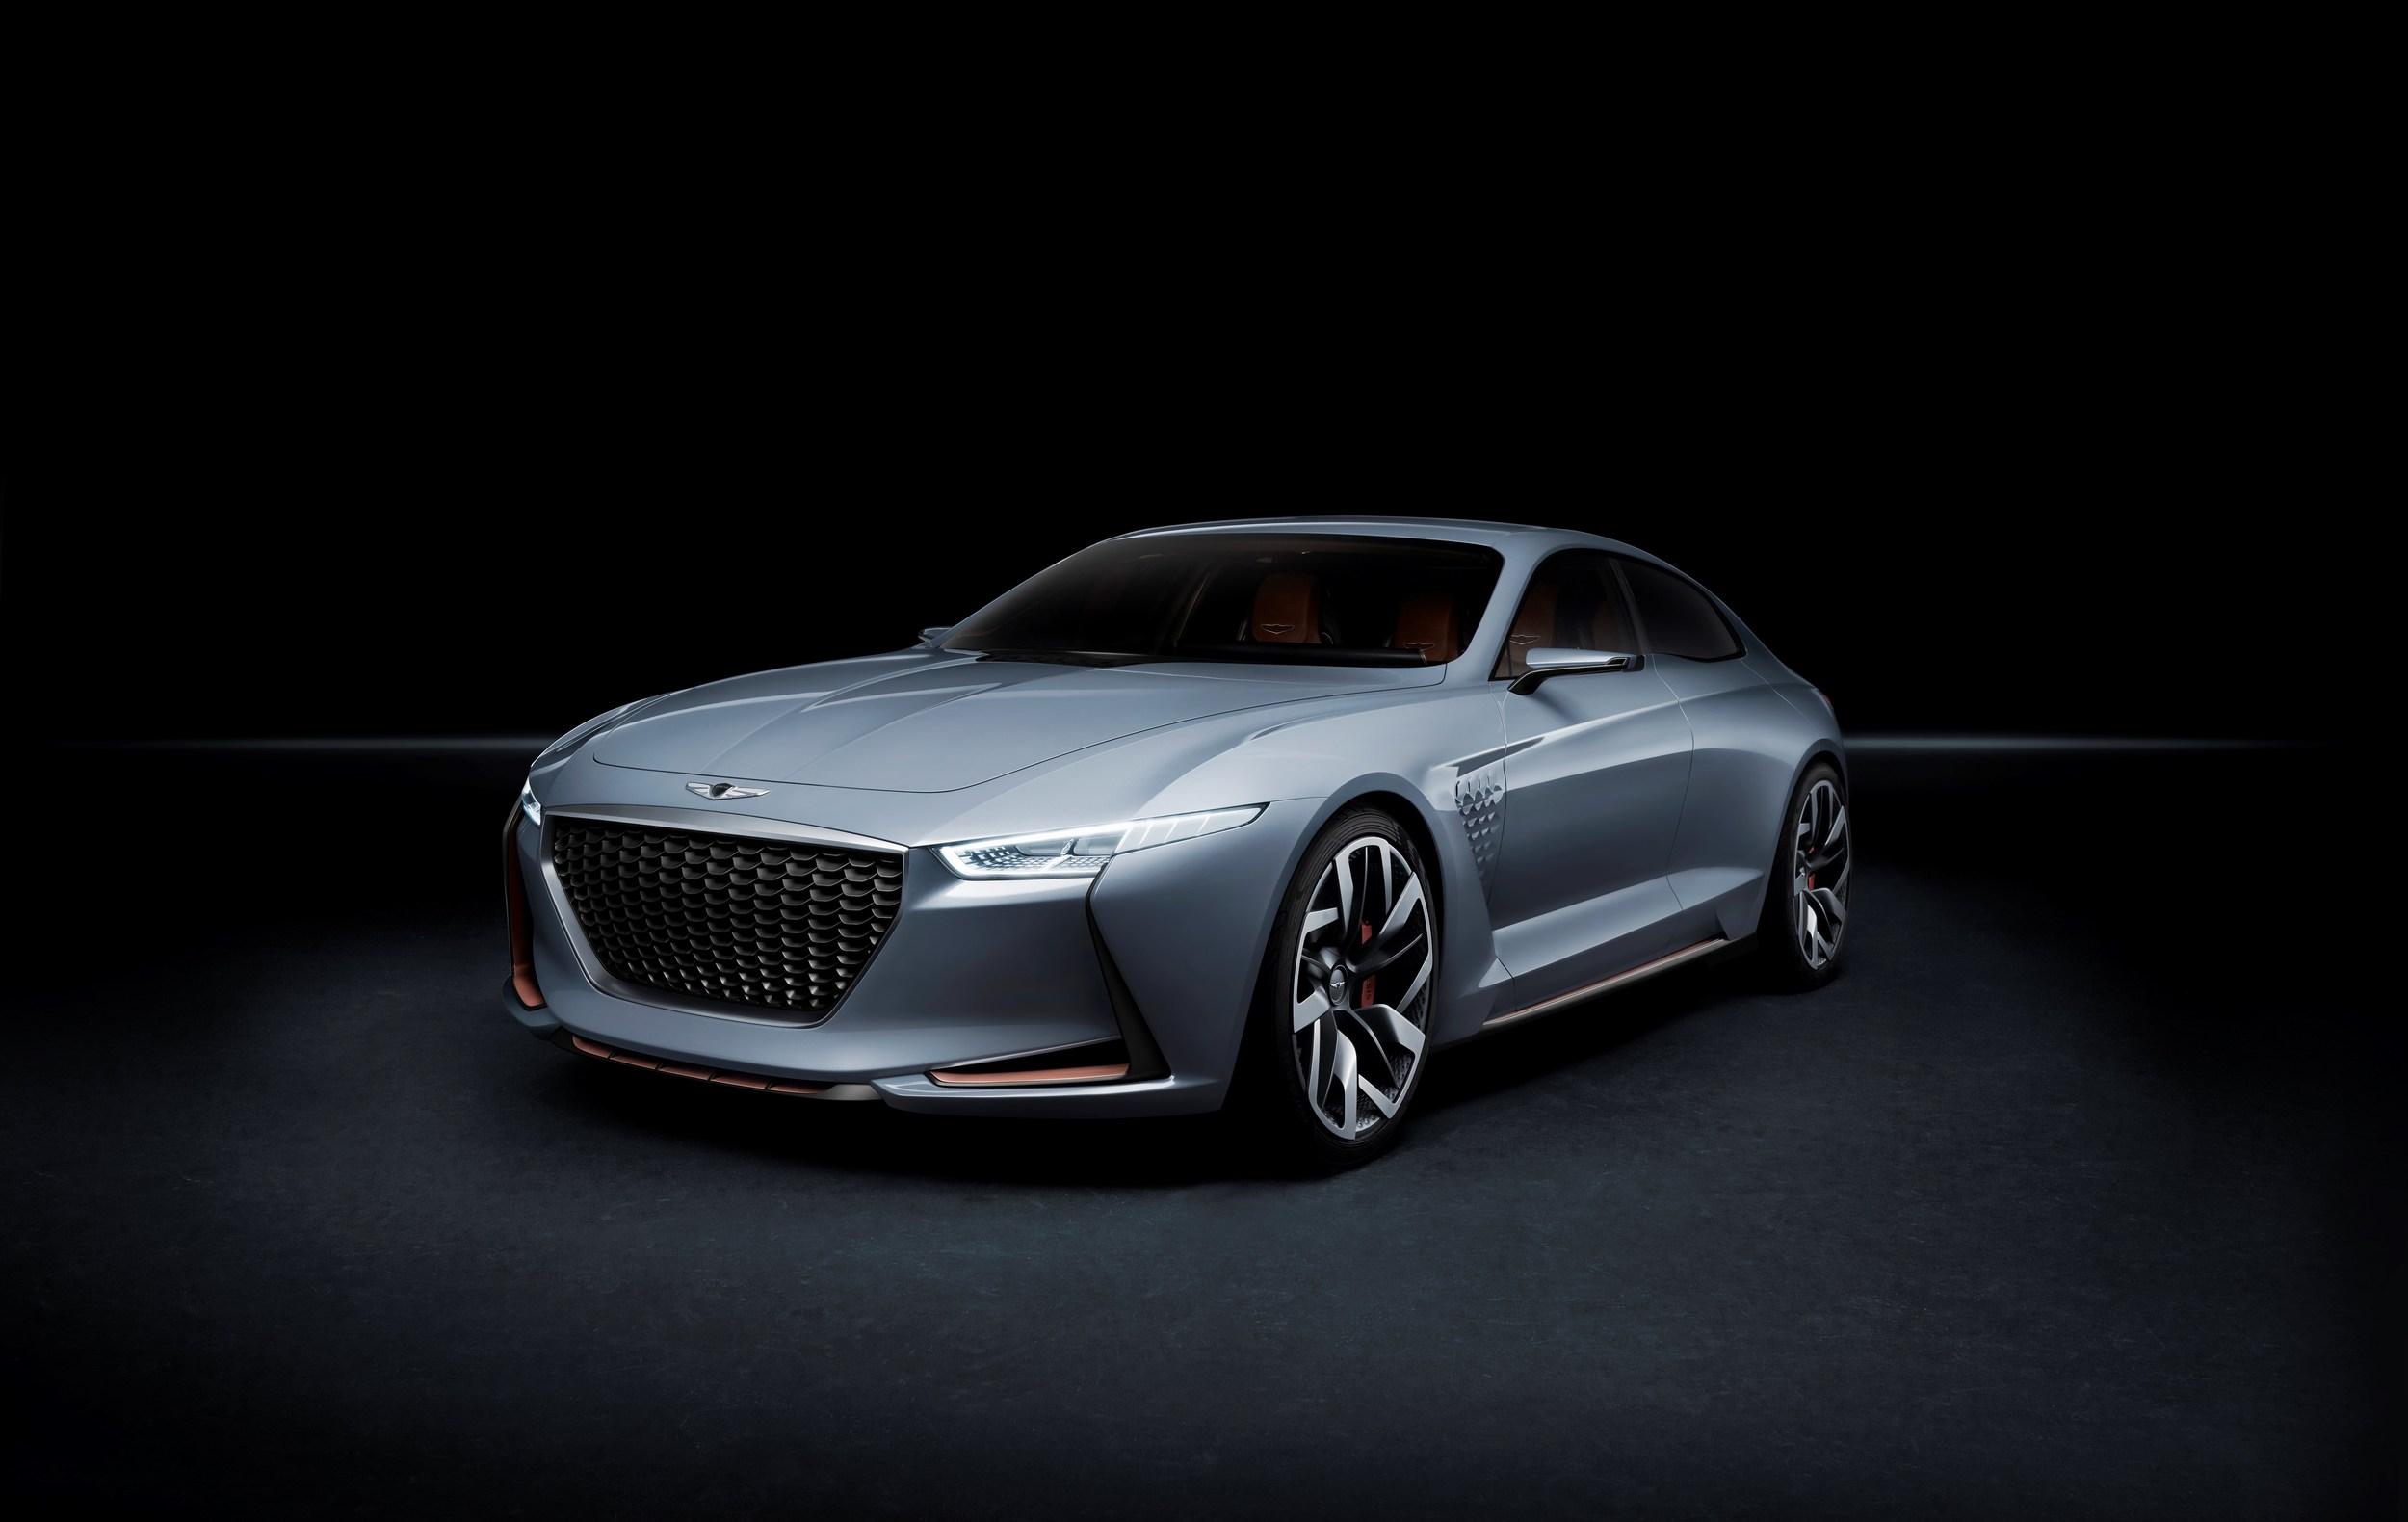 Genesis Motors Confirms G70 Sedan, G70 Coupe, Two Luxury ...